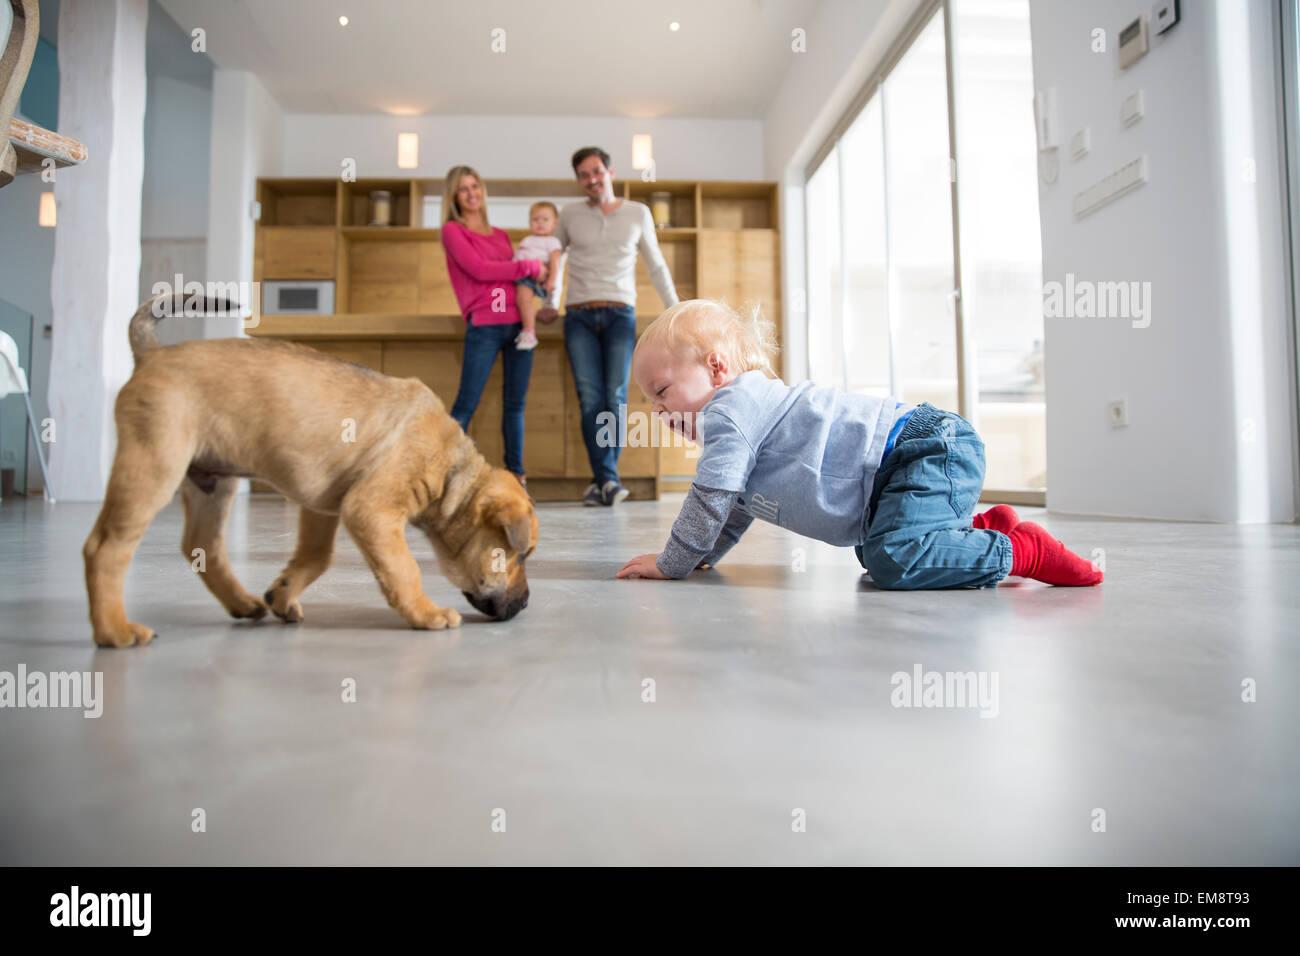 Tout-petit mâle chiot jouer avec sur salle à manger marbre Photo Stock